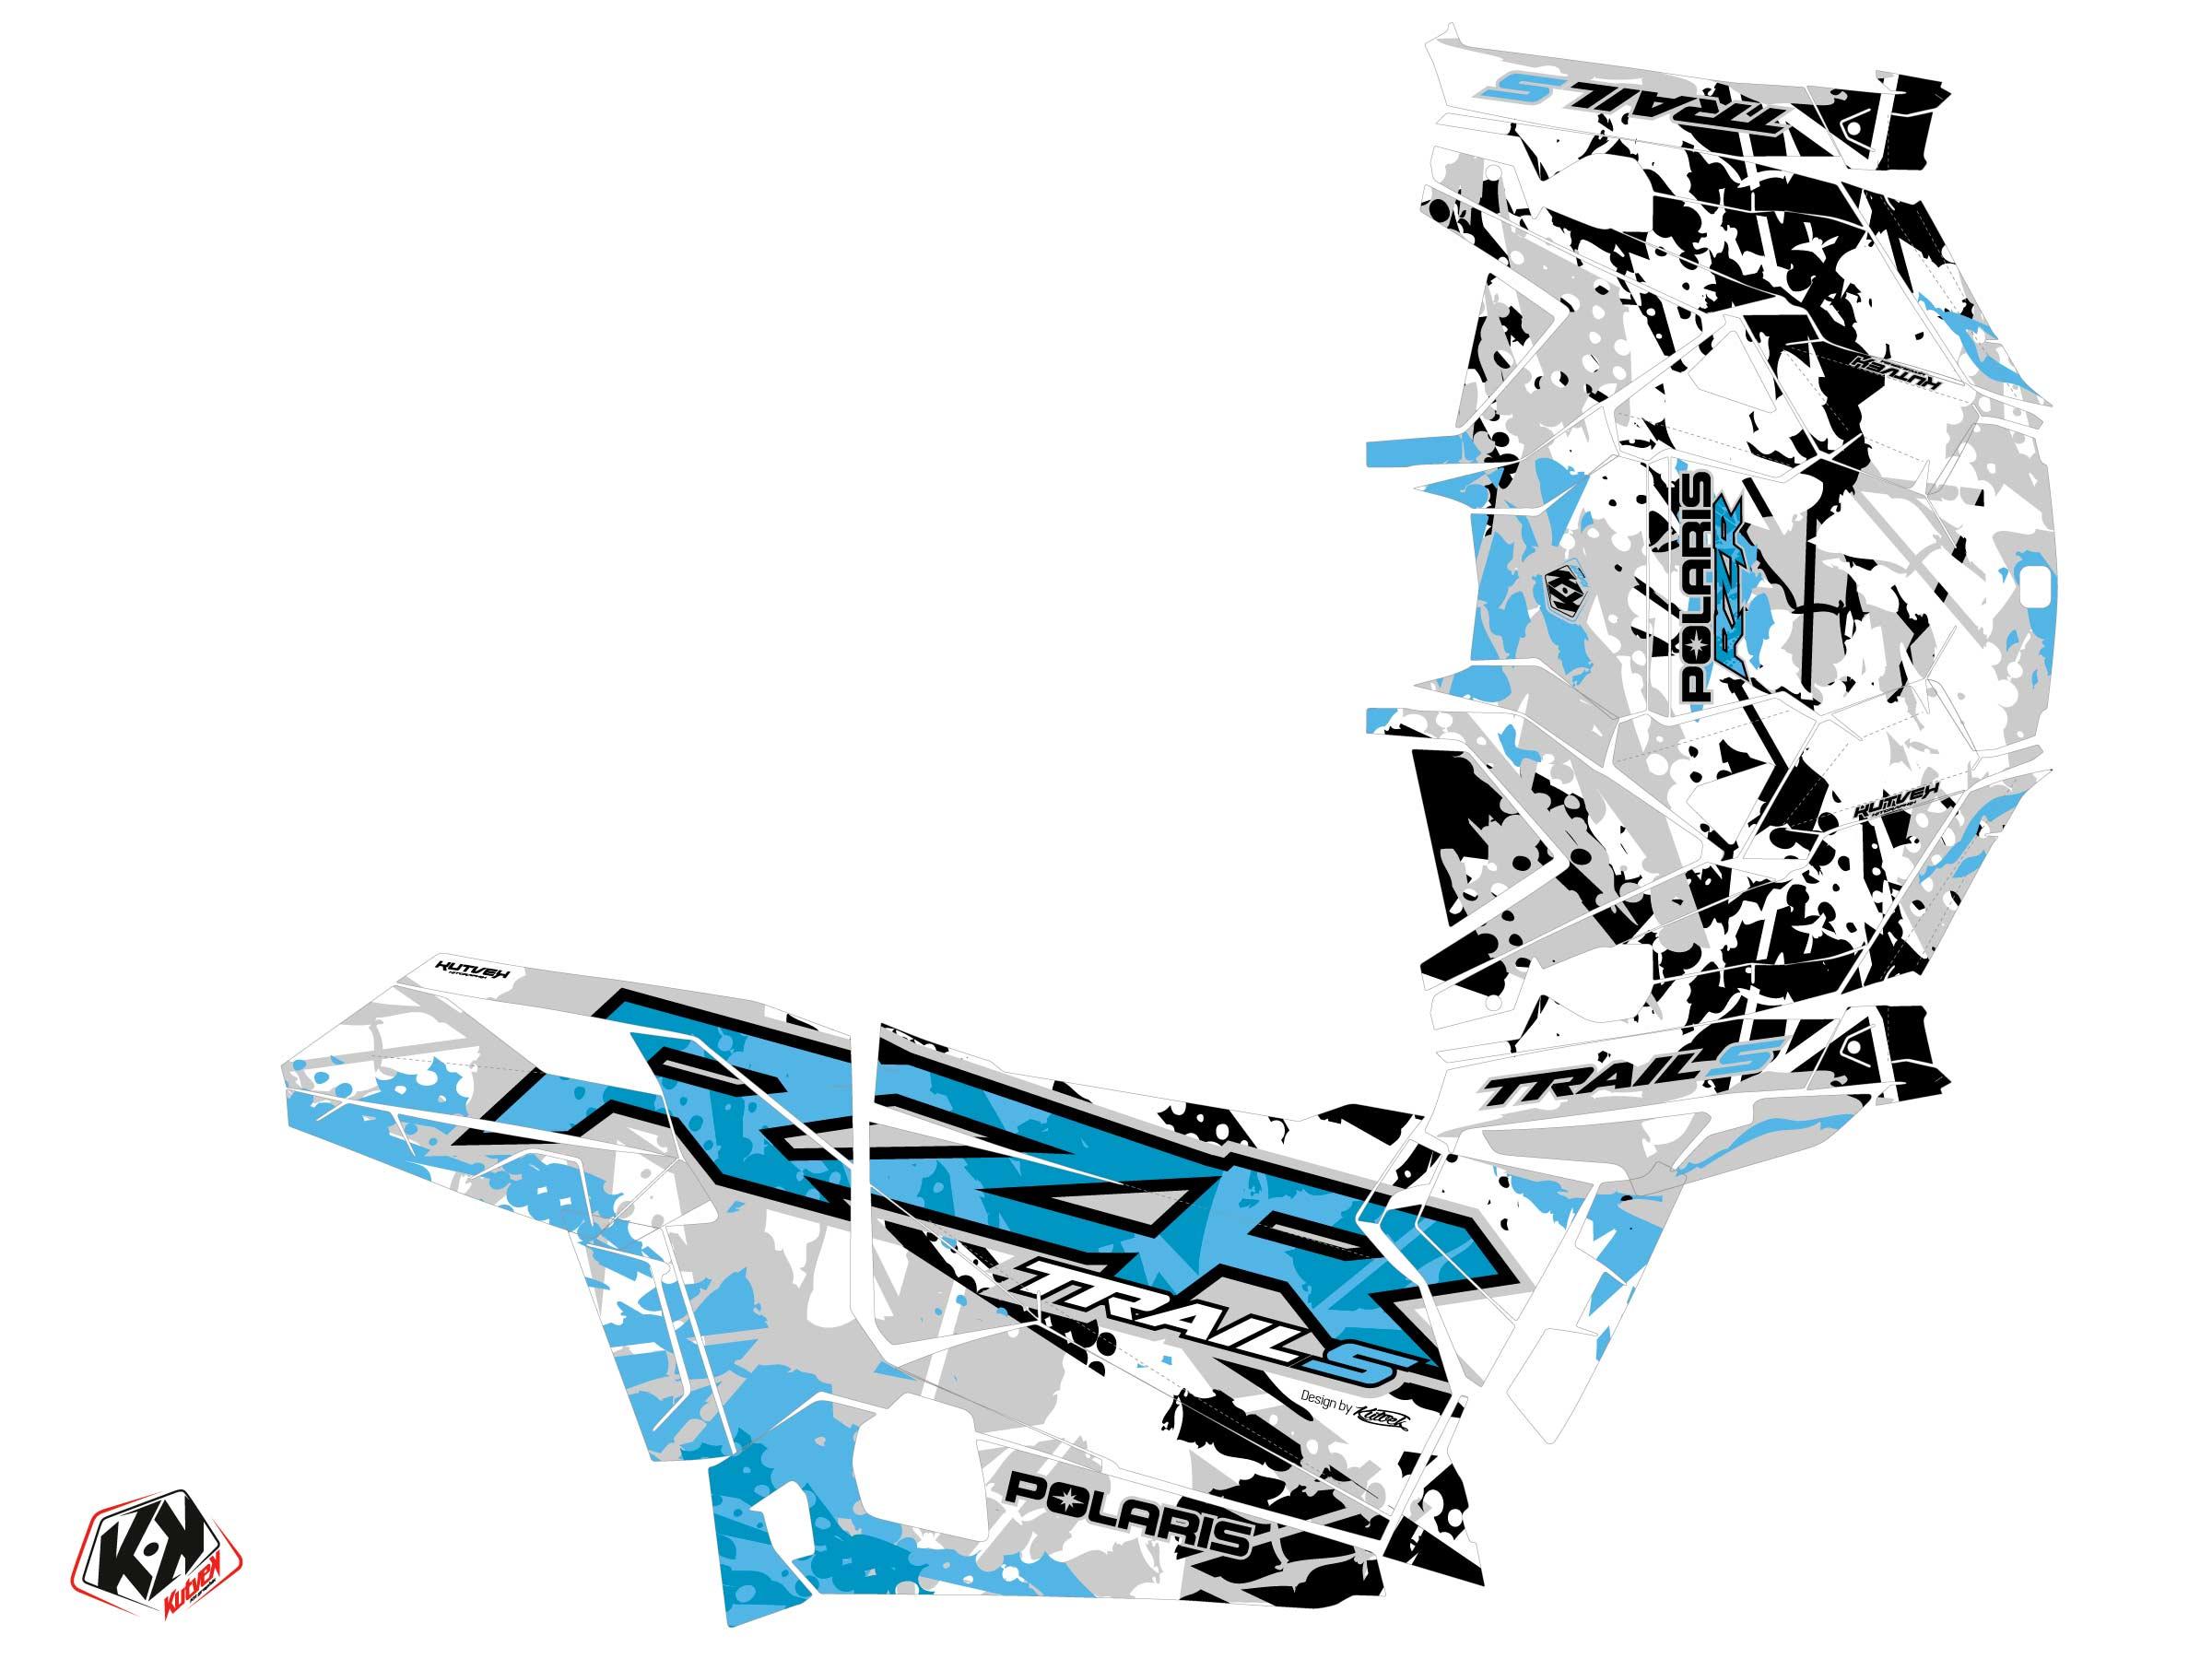 Kit Déco SSV Shred Polaris RZR Trail S Cyan